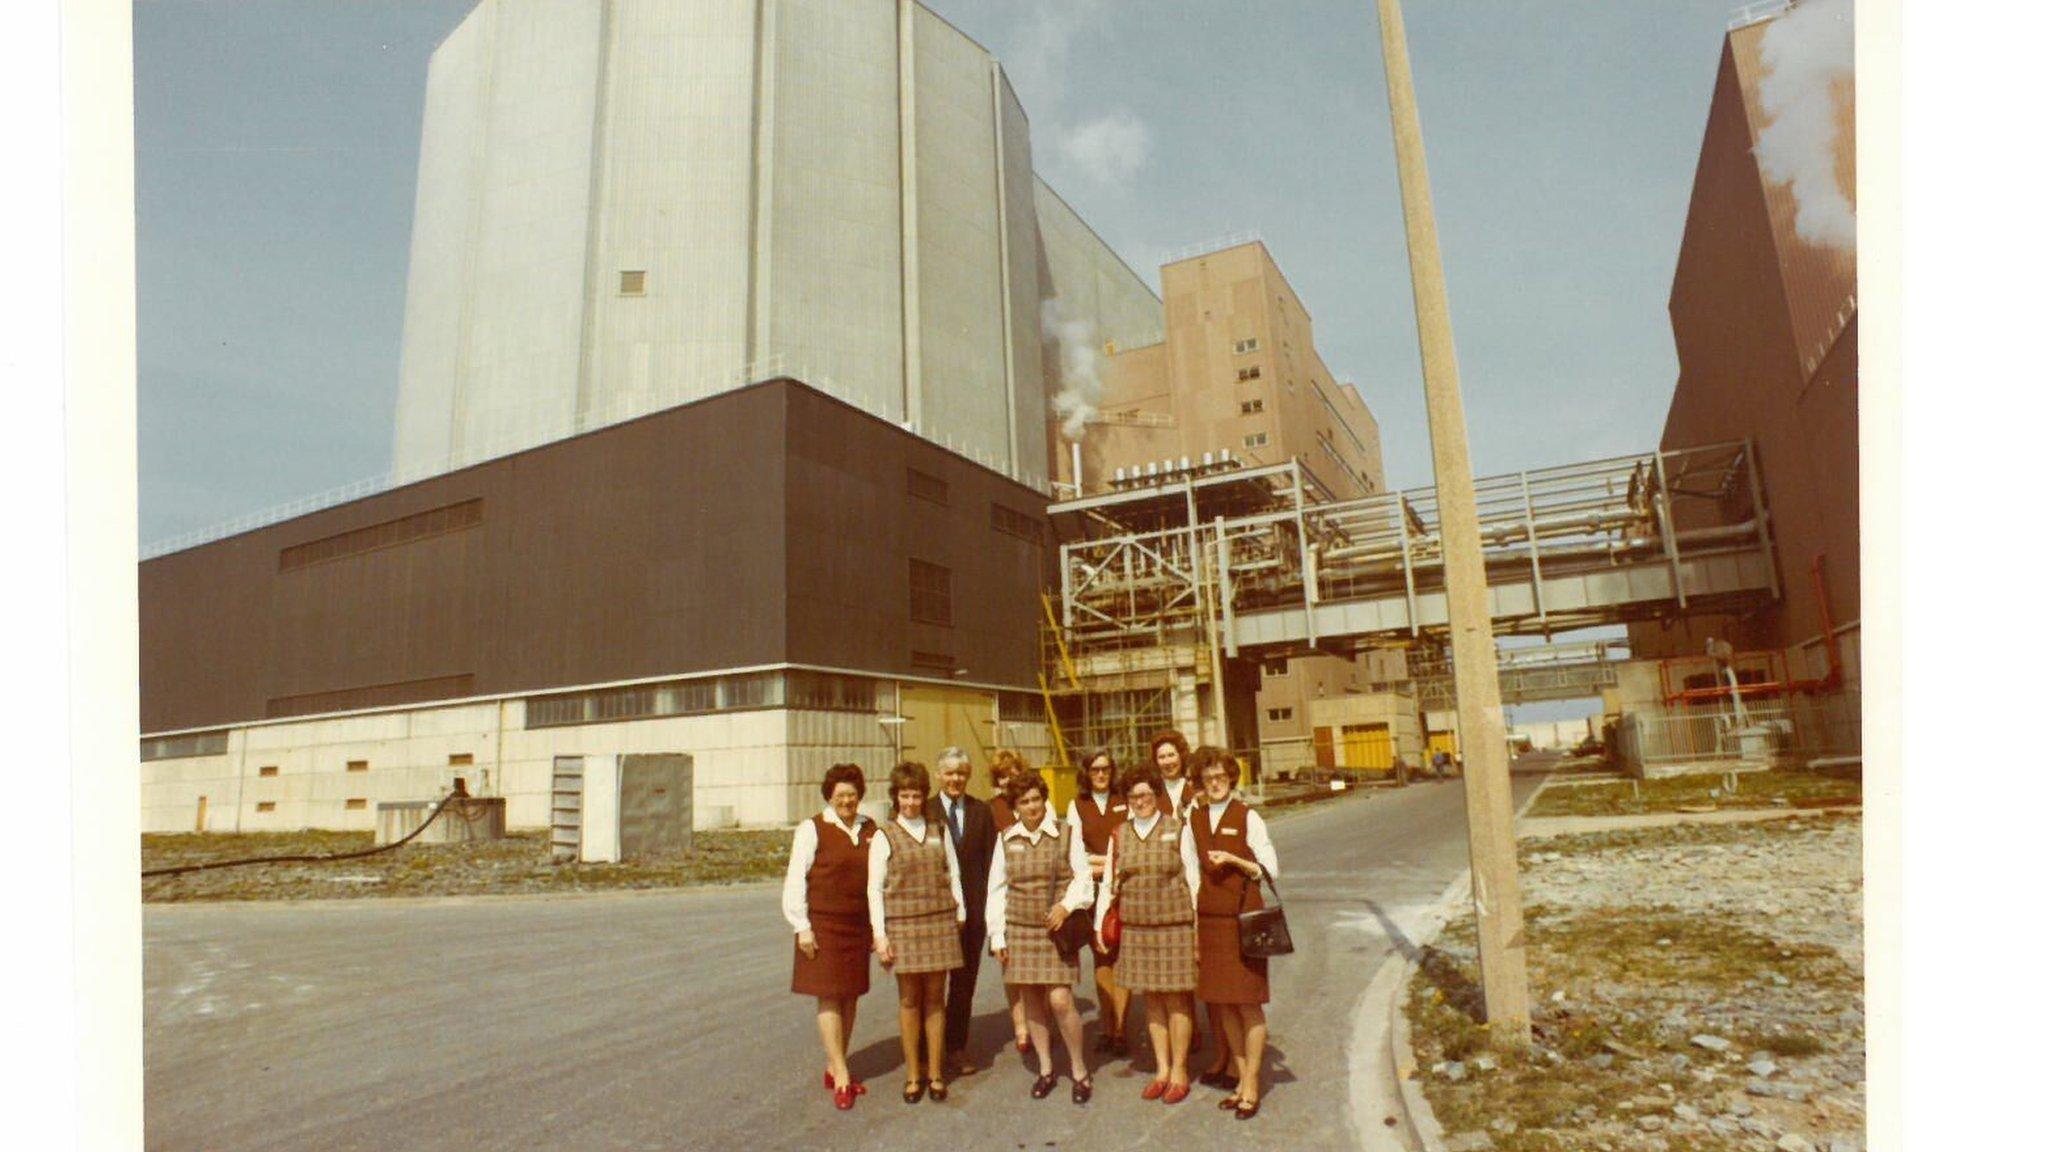 Rhai o'r staff yn nyddiau cynnar y safle / staff members in the early days of the power station